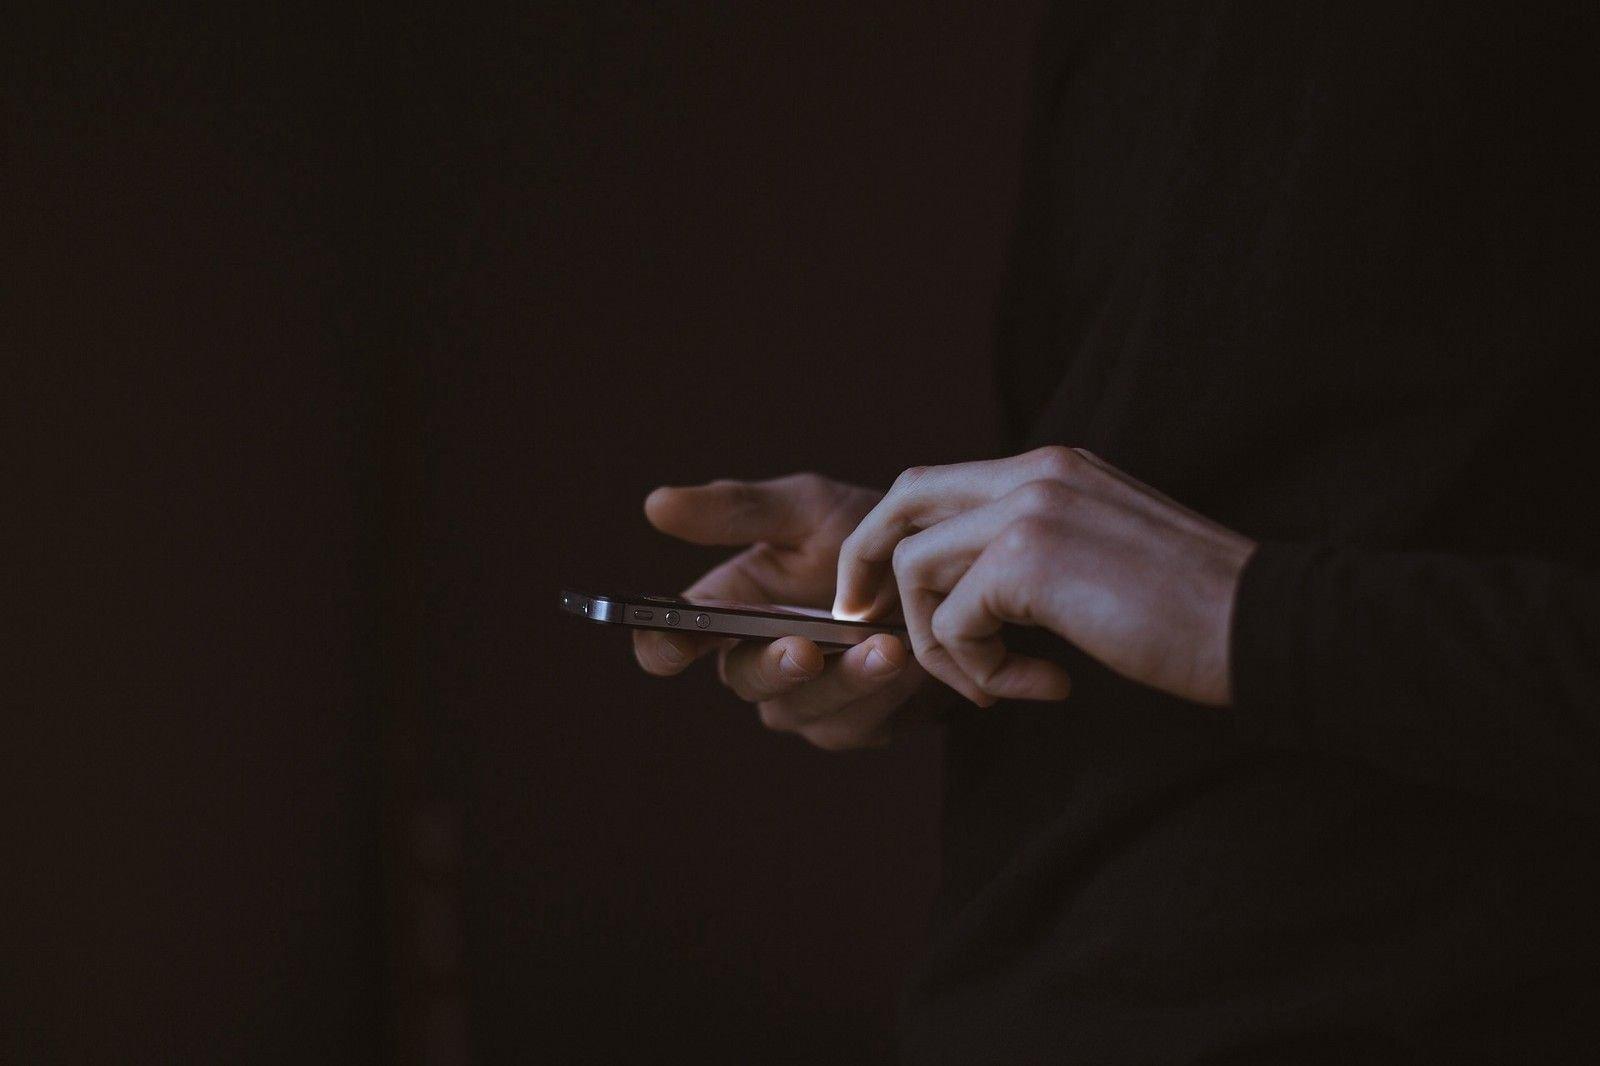 Уязвимости в сетях 4G и 5G позволяют следить за пользователями телефонов ()